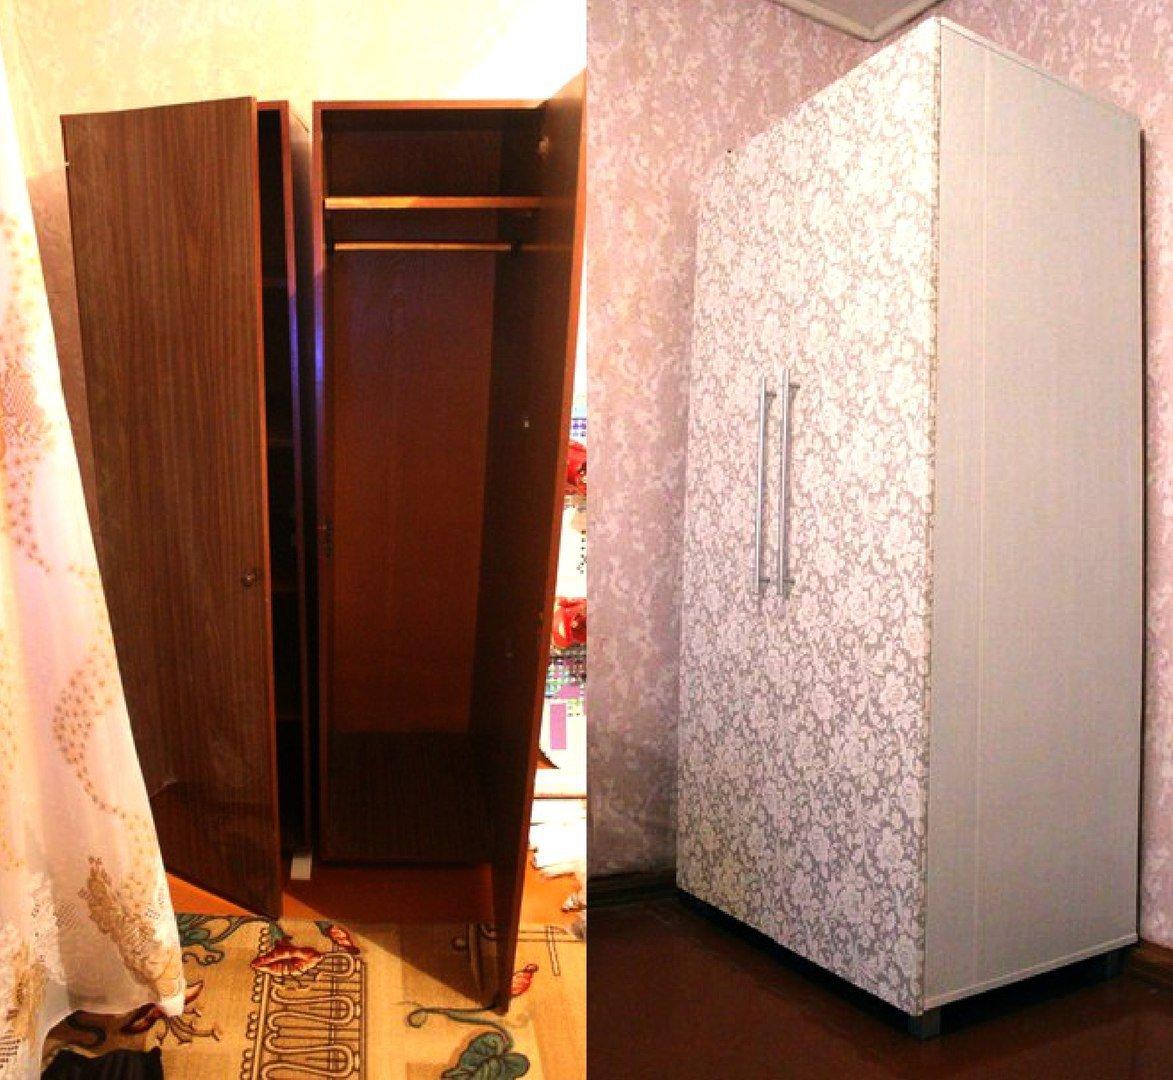 видит переделываем старый шкаф своими руками фото называют настоящим чудом